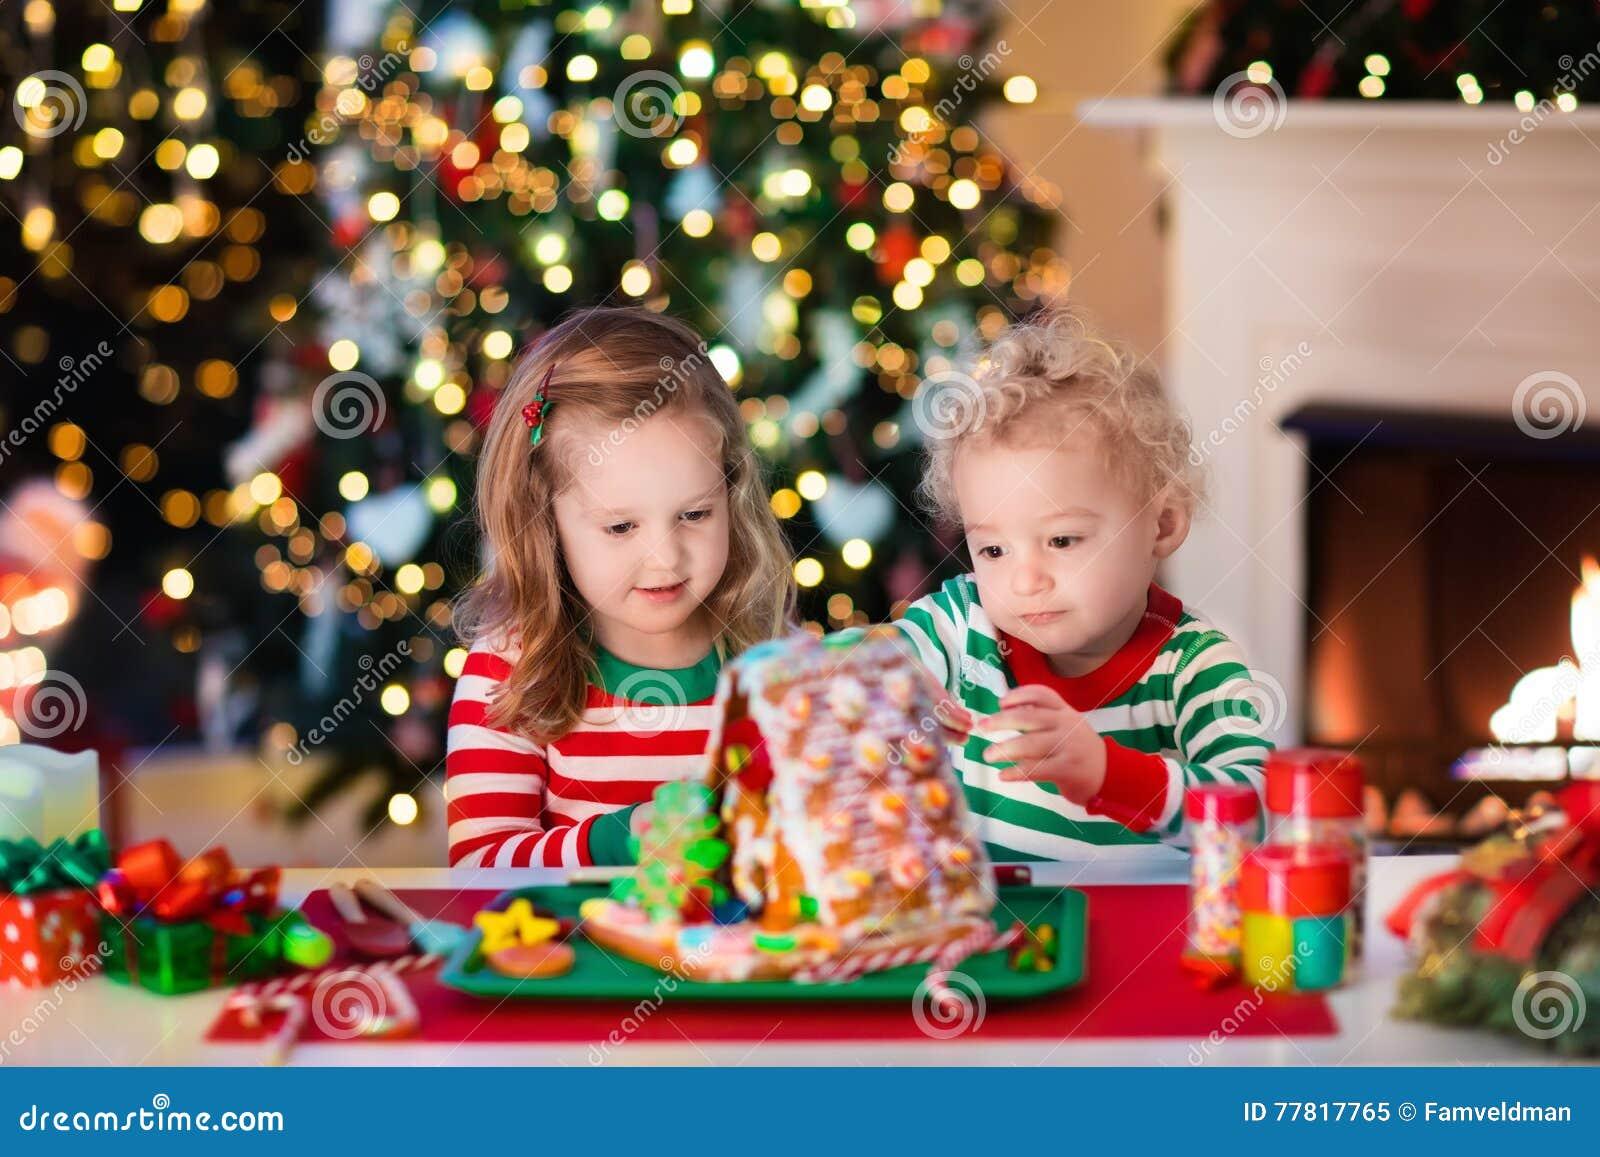 Kids Making Christmas Ginger Bread House Stock Image Image Of Homemade Ginger 77817765